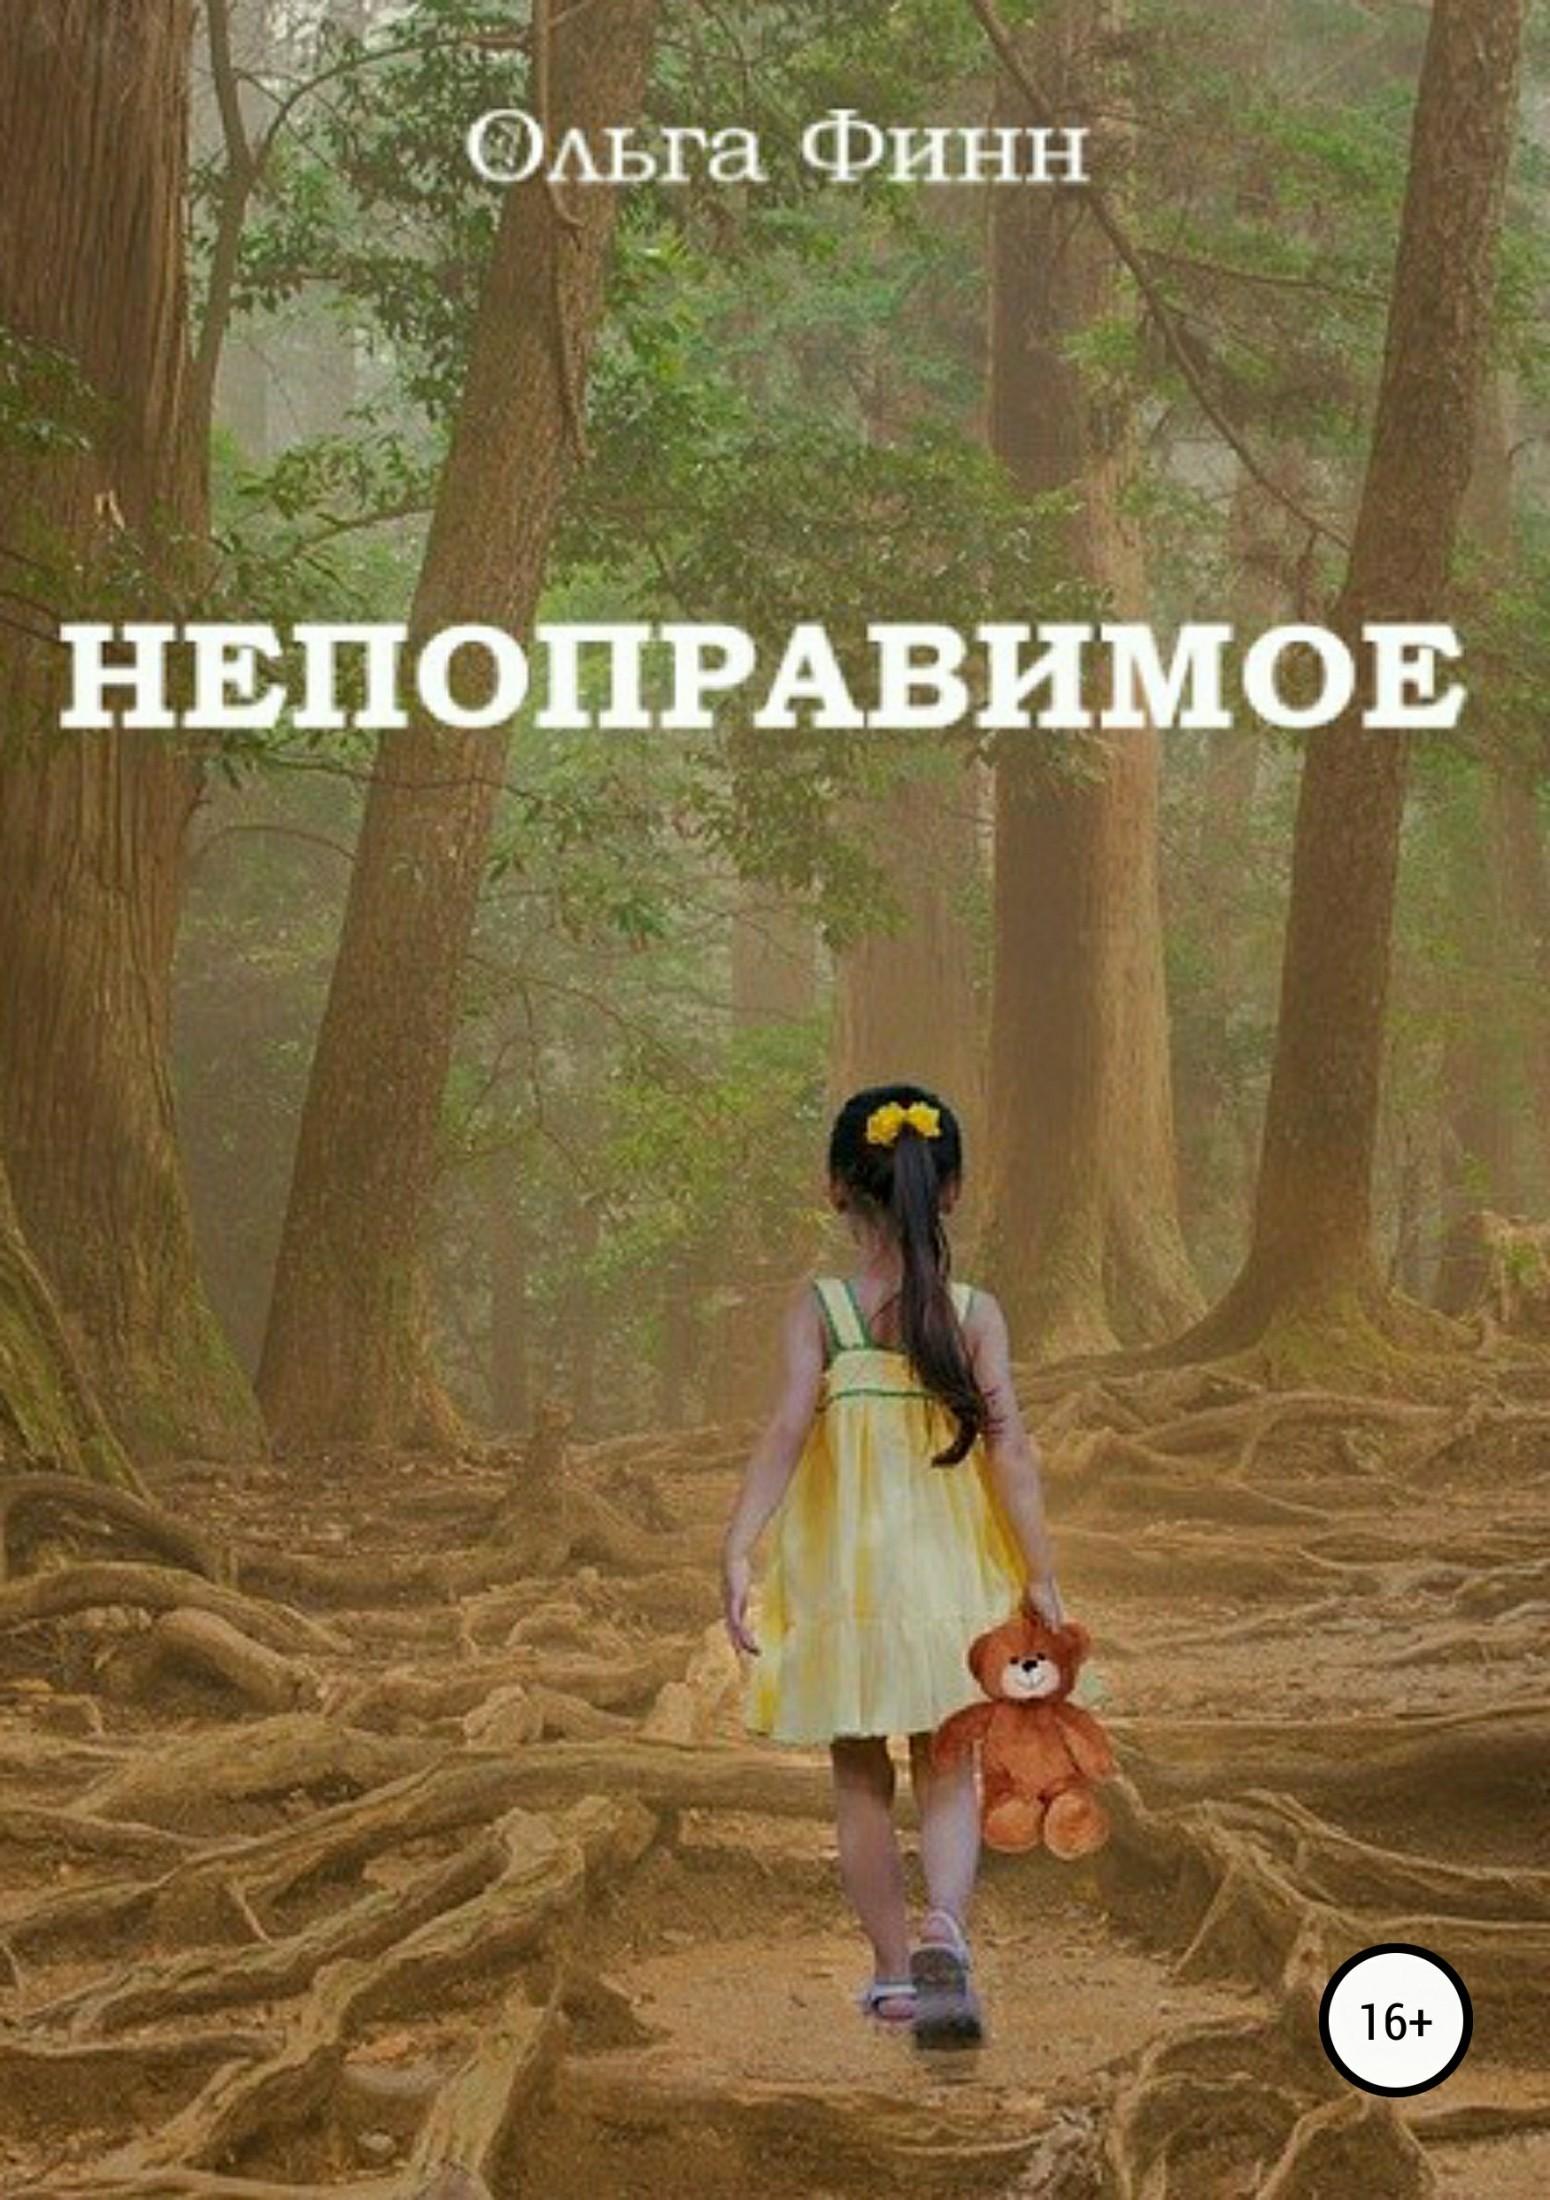 Ольга Финн - Непоправимое